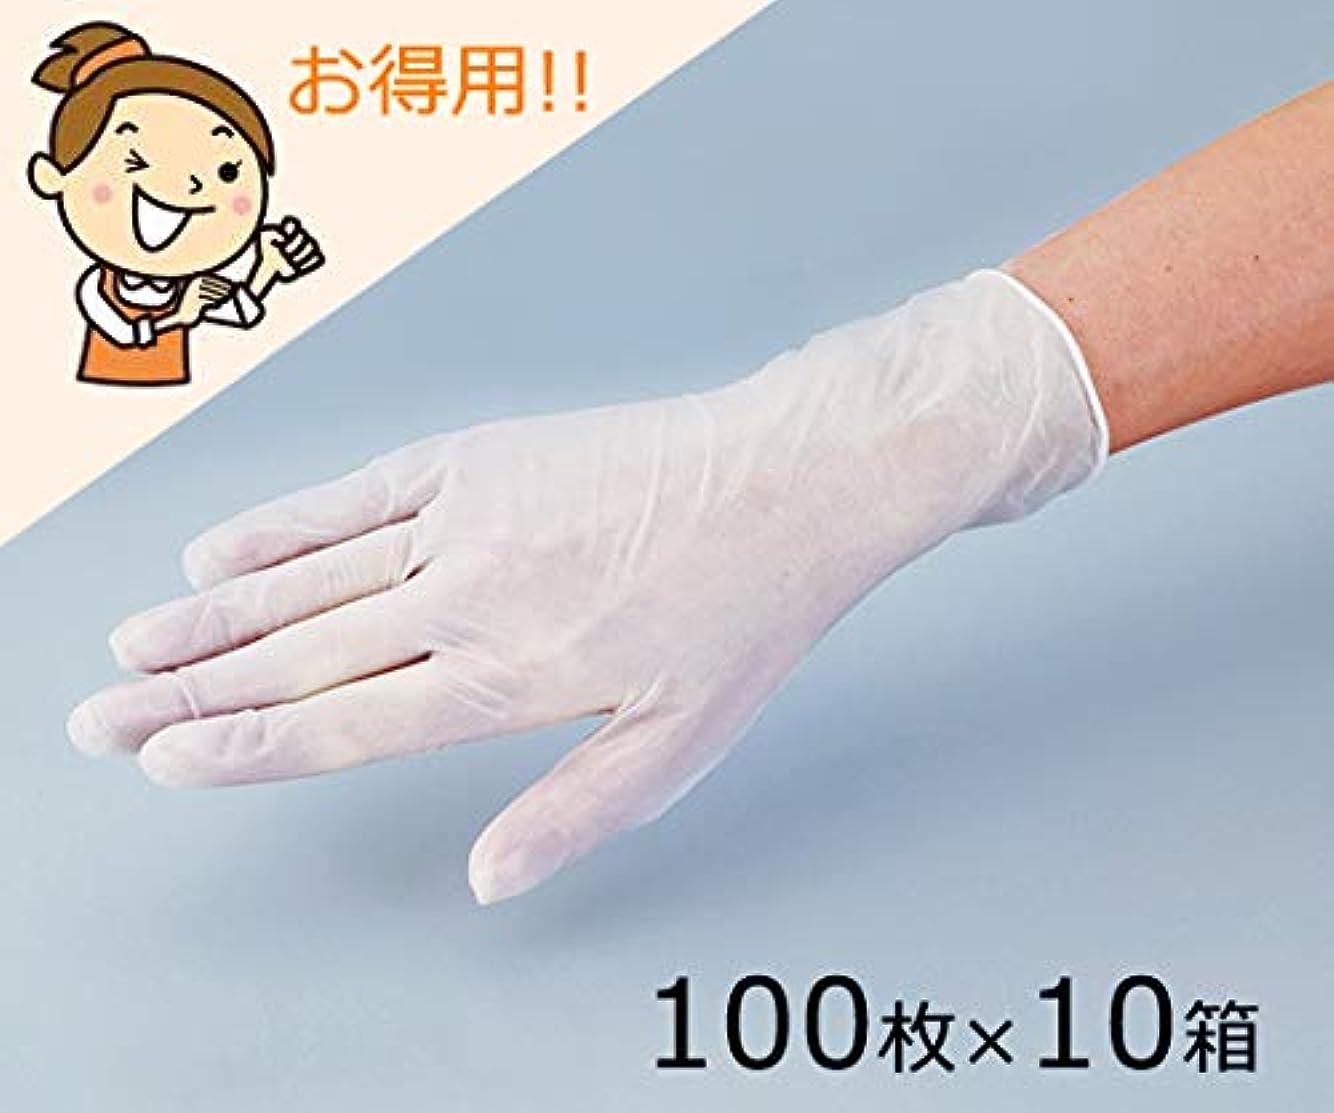 錆びピック乙女アズワン7-2396-12ケアプラスチック手袋(パウダーフリー)M1ケース(100枚/箱×10箱入)